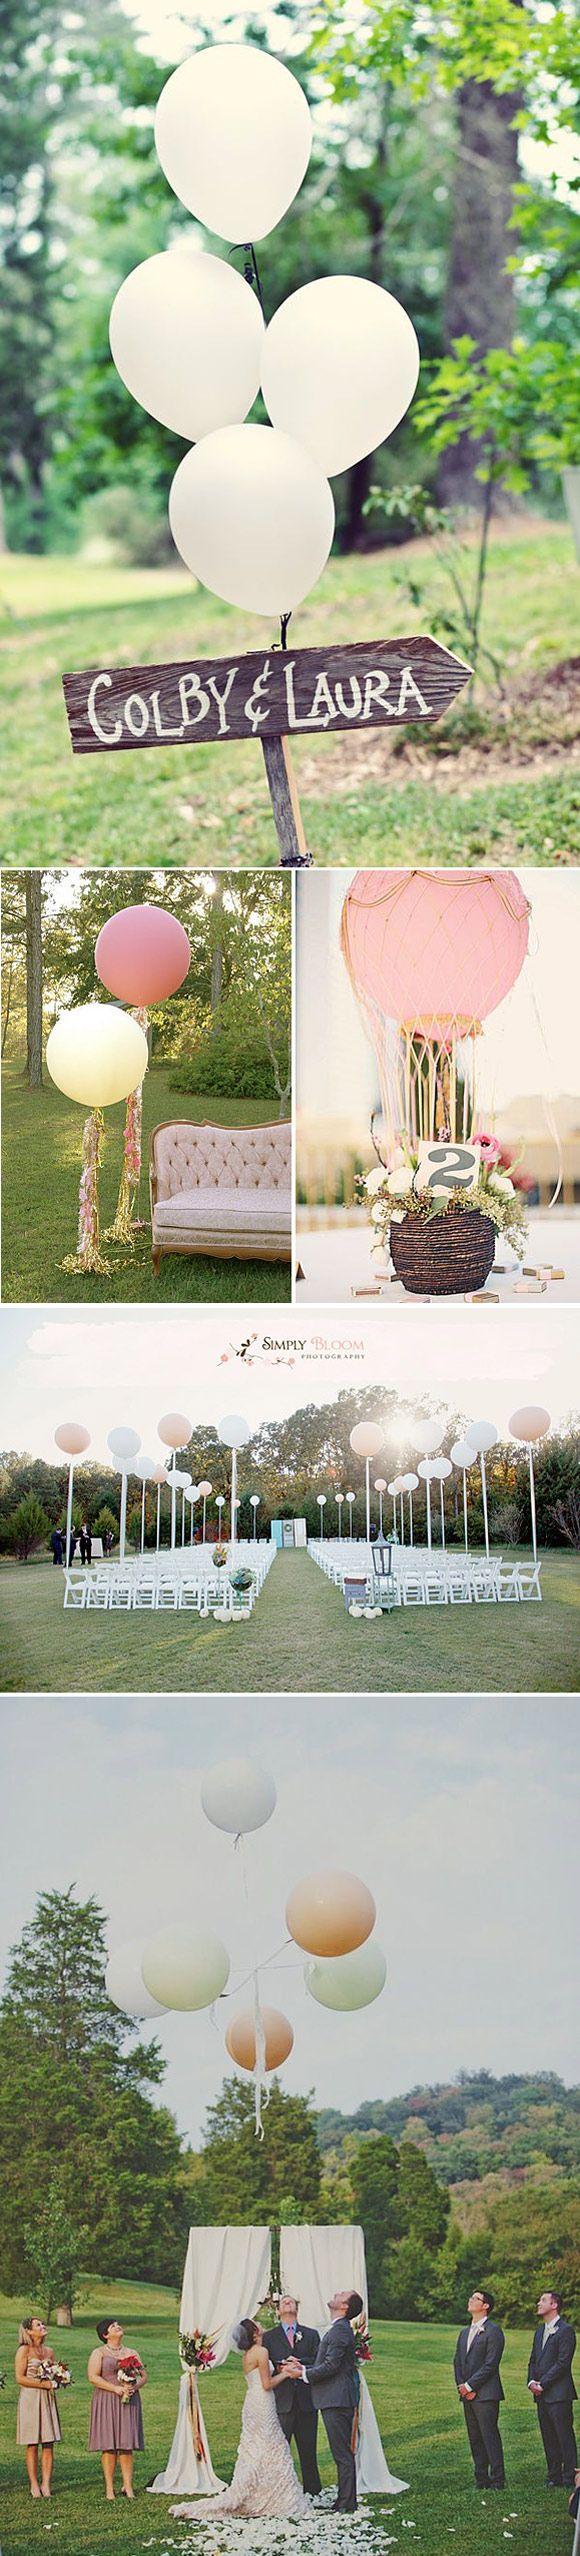 Los globos también nos ayudan a decorar nuestra boda